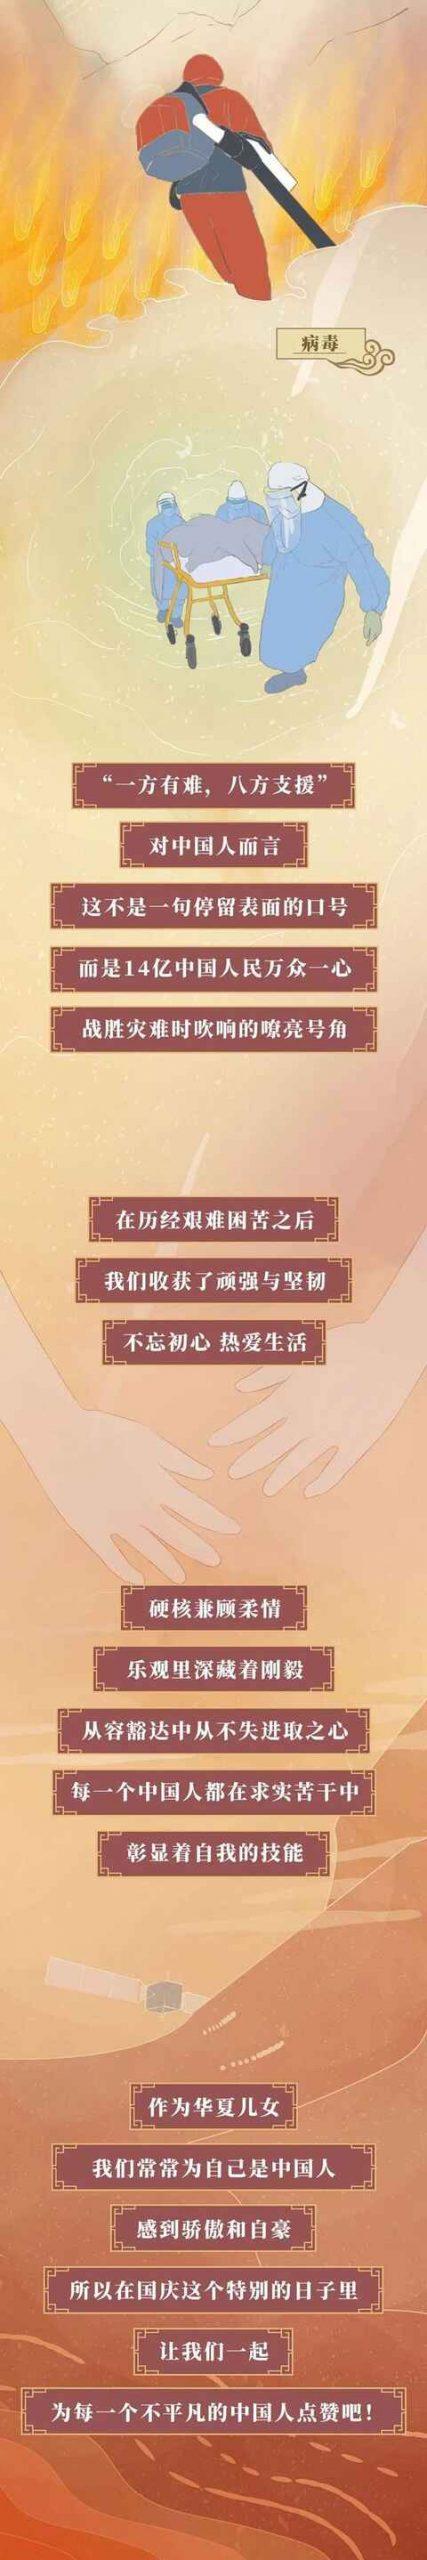 神秘中国文化,揭秘中国人的5个独特技能